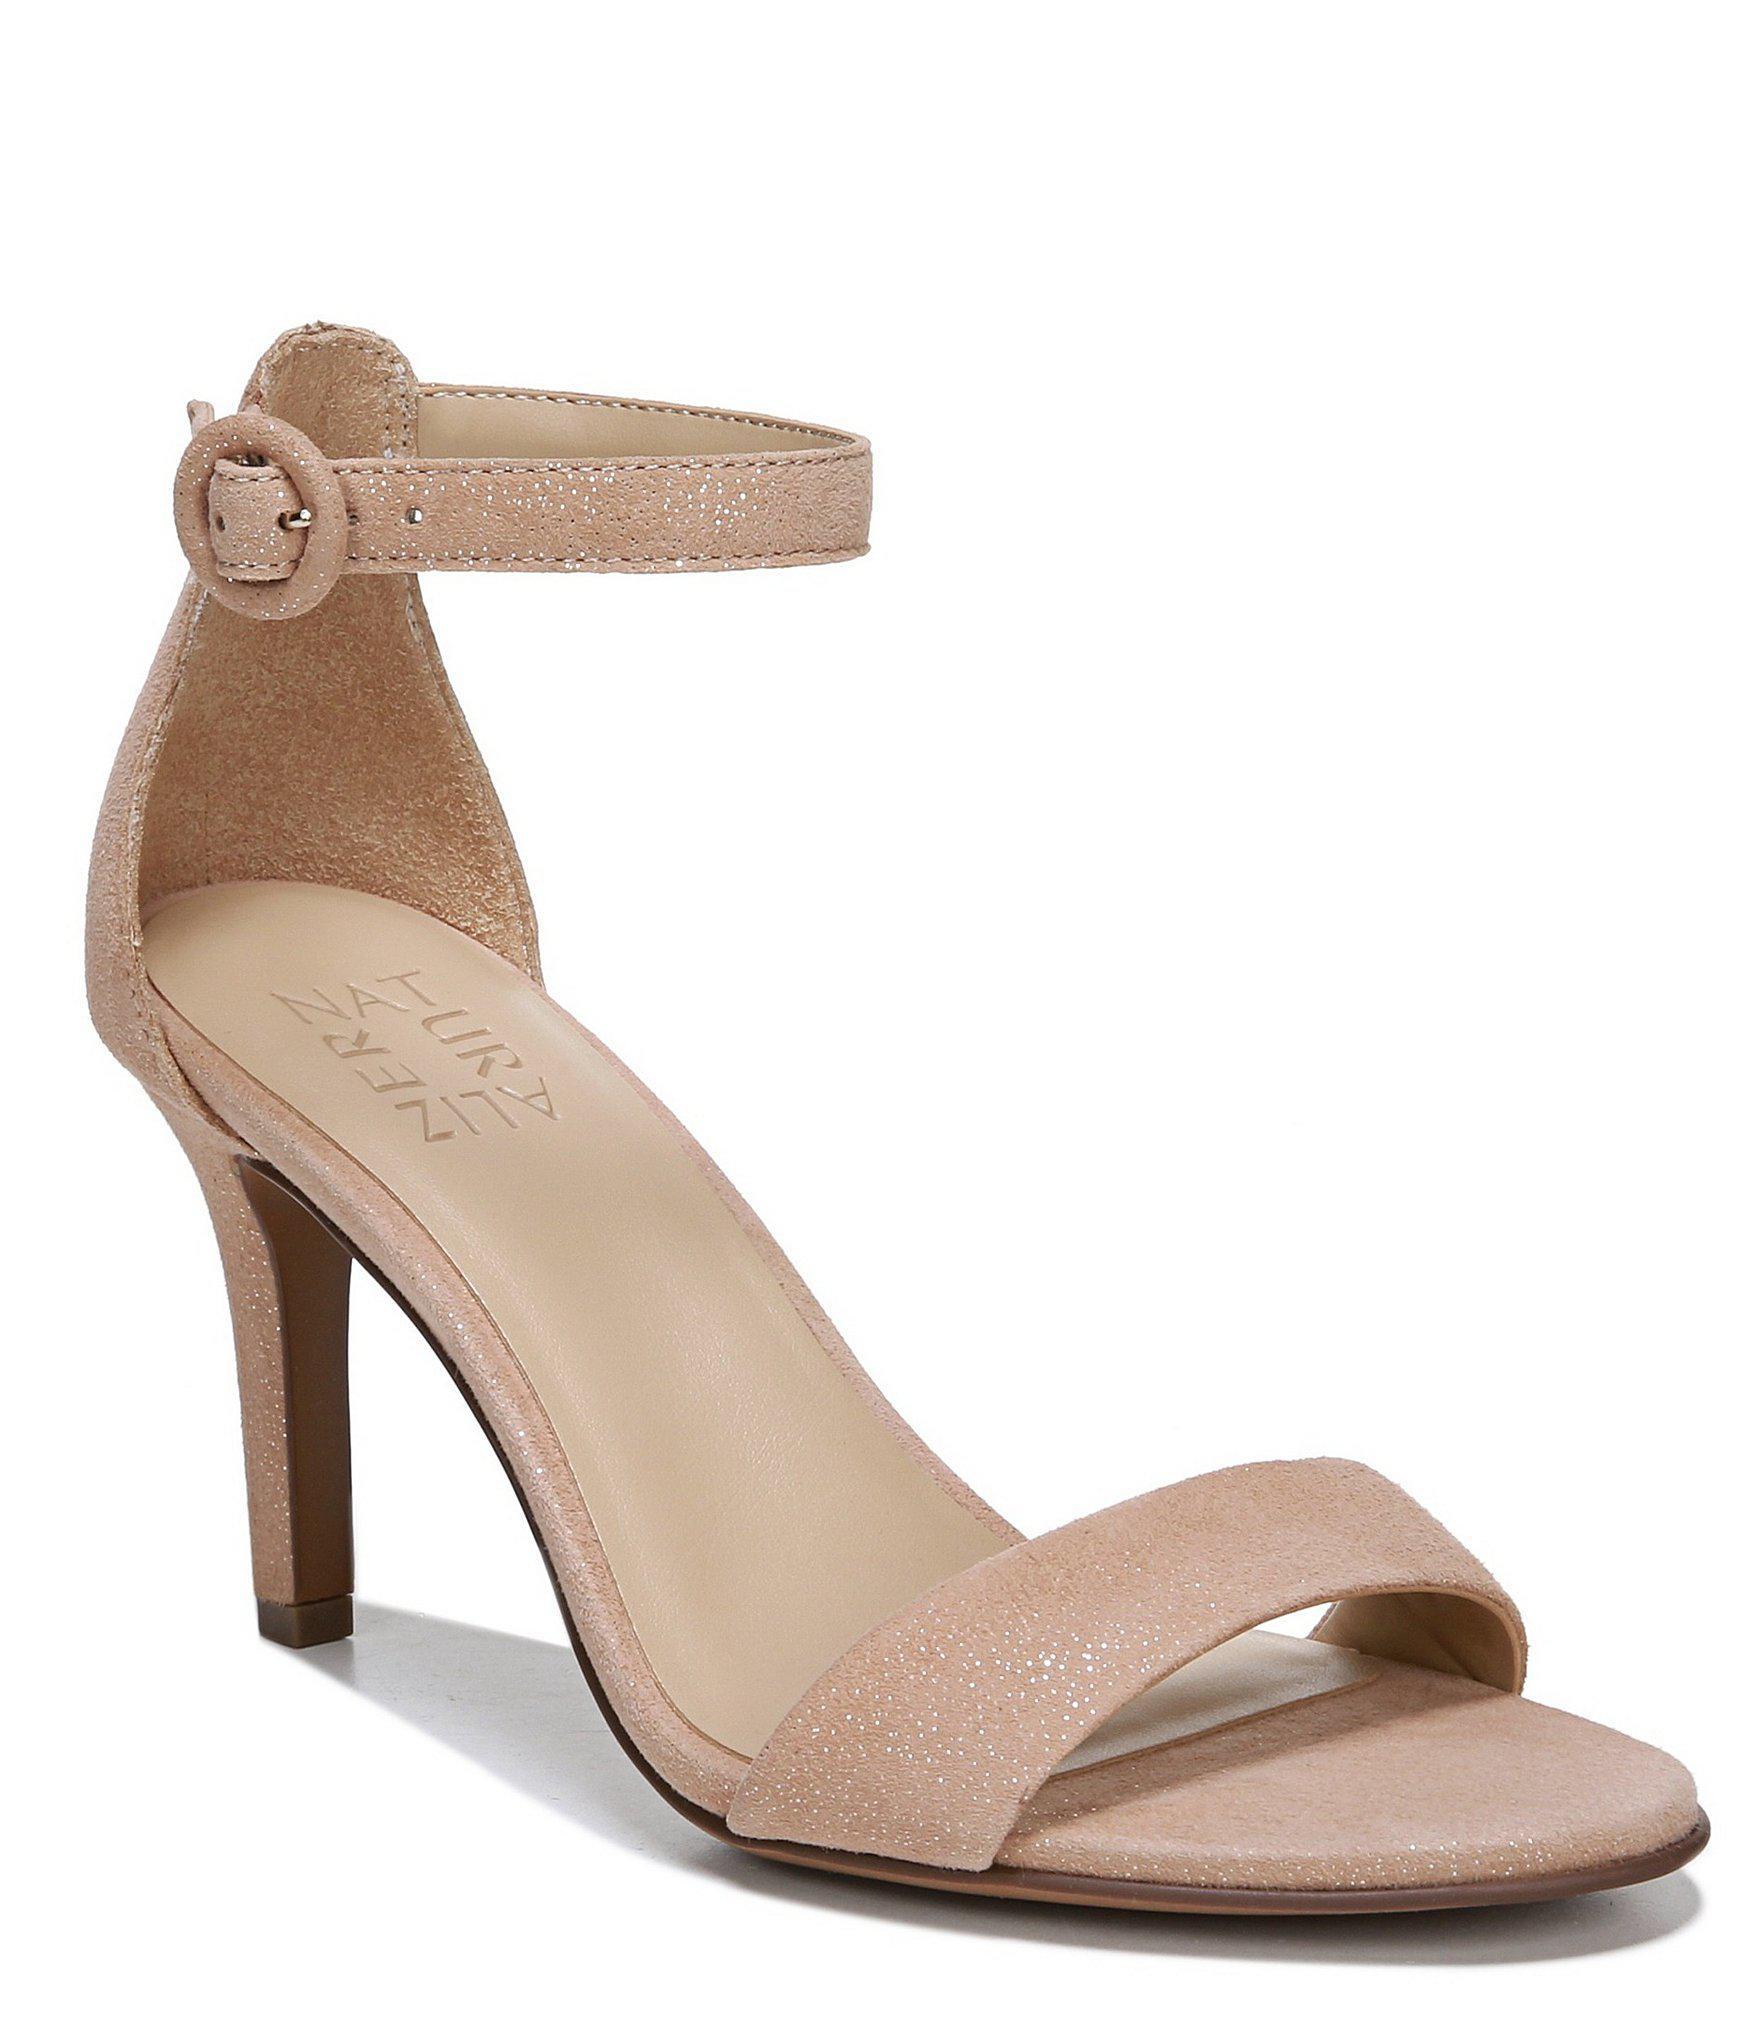 6e8653de976526 Naturalizer. Women s Kinsley Suede Ankle Strap Dress Sandals